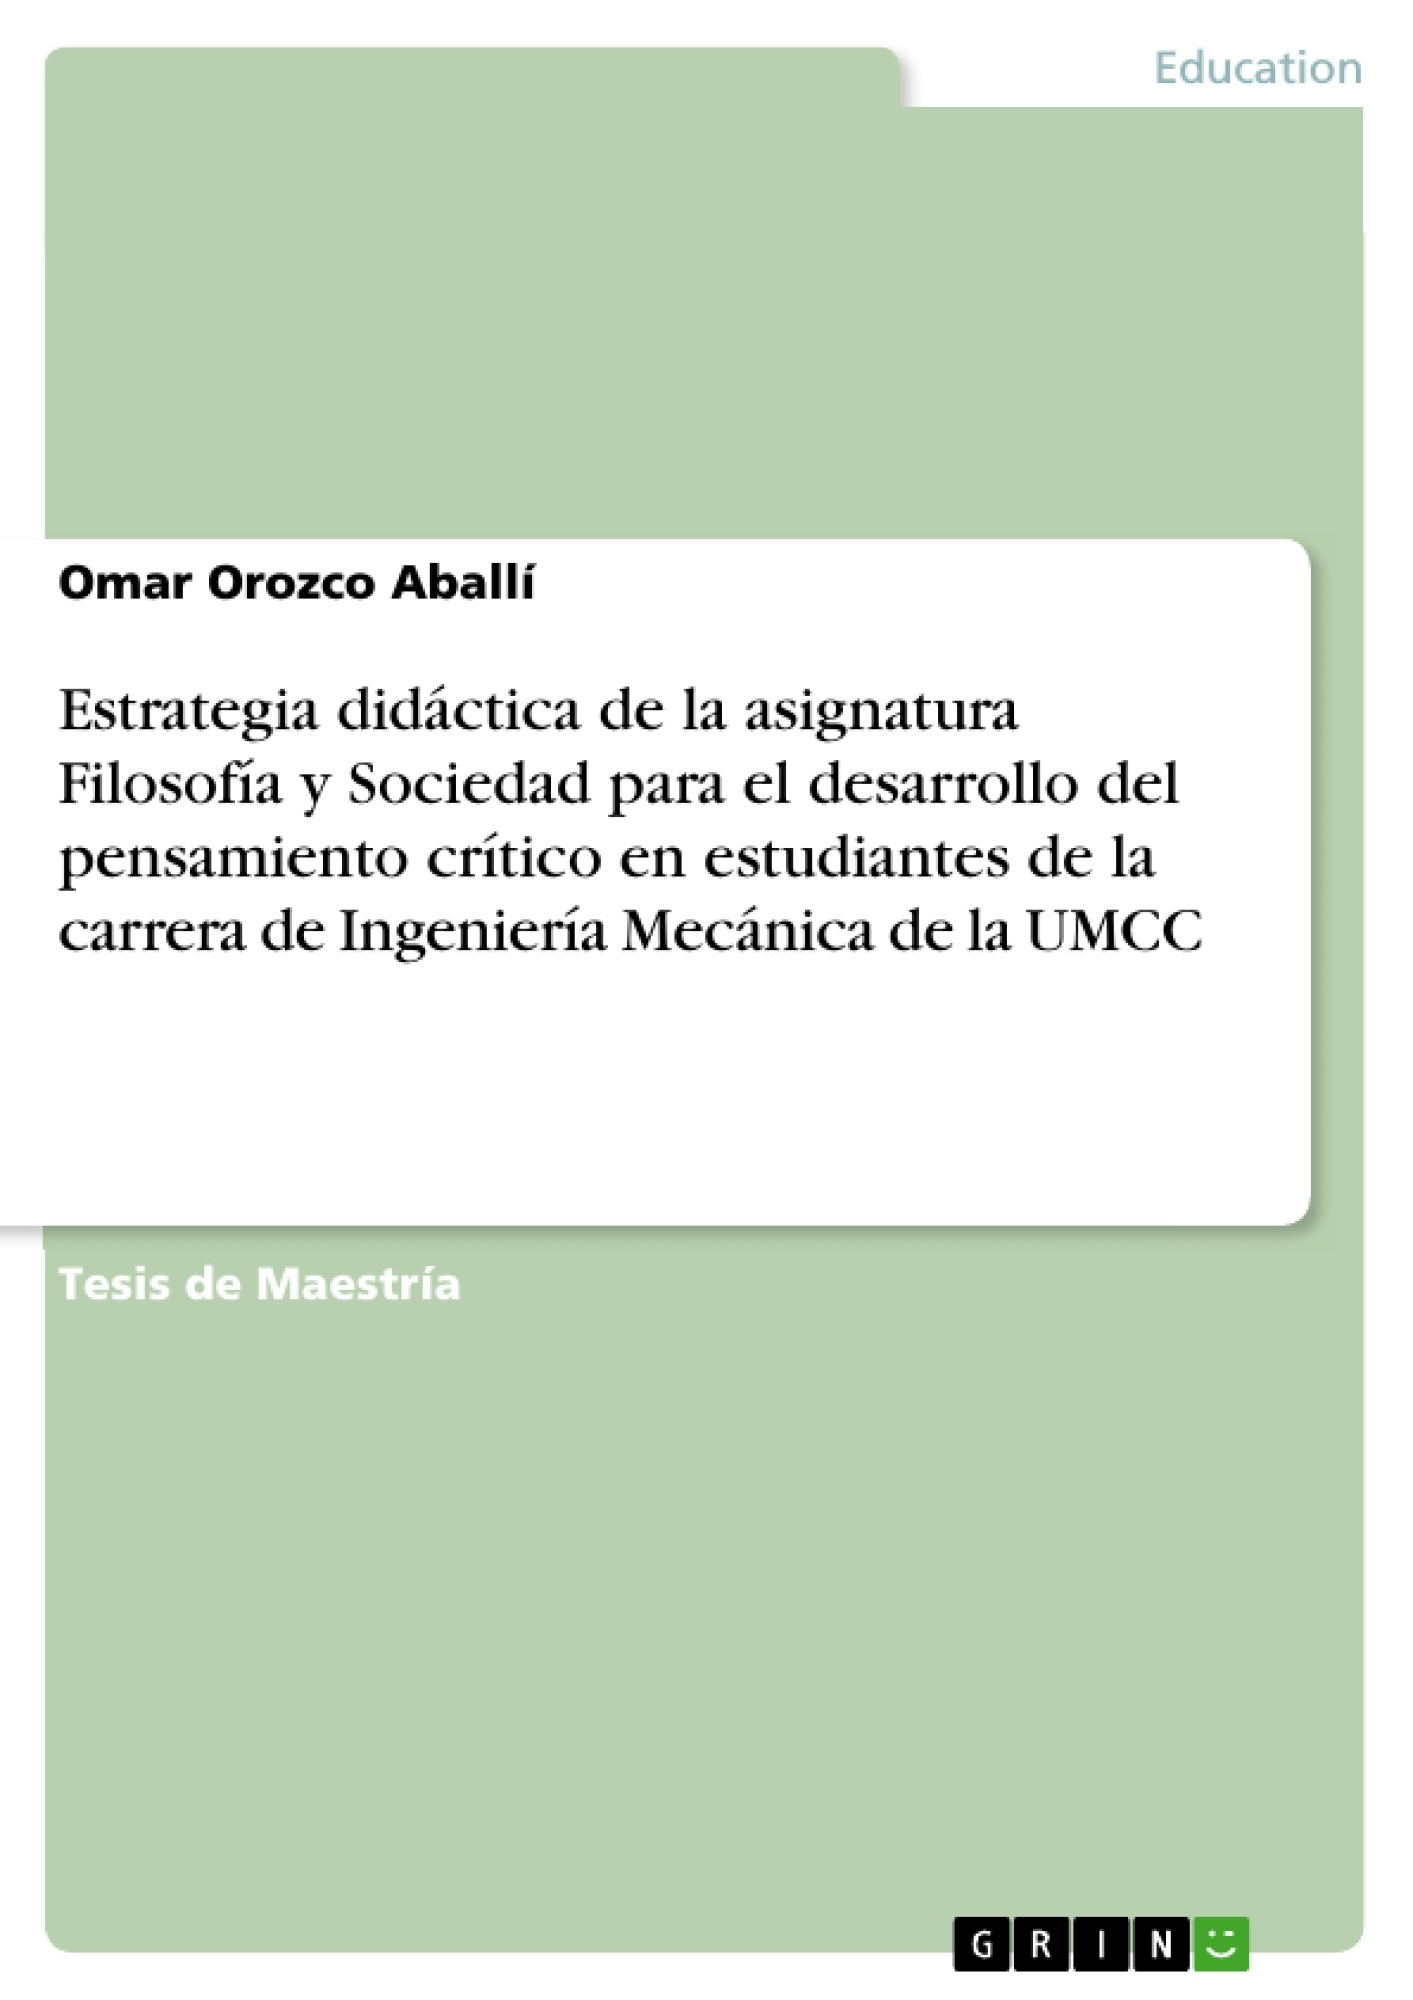 Título: Estrategia didáctica de la asignatura Filosofía y Sociedad para el desarrollo del pensamiento crítico en estudiantes de la carrera de Ingeniería Mecánica de la UMCC